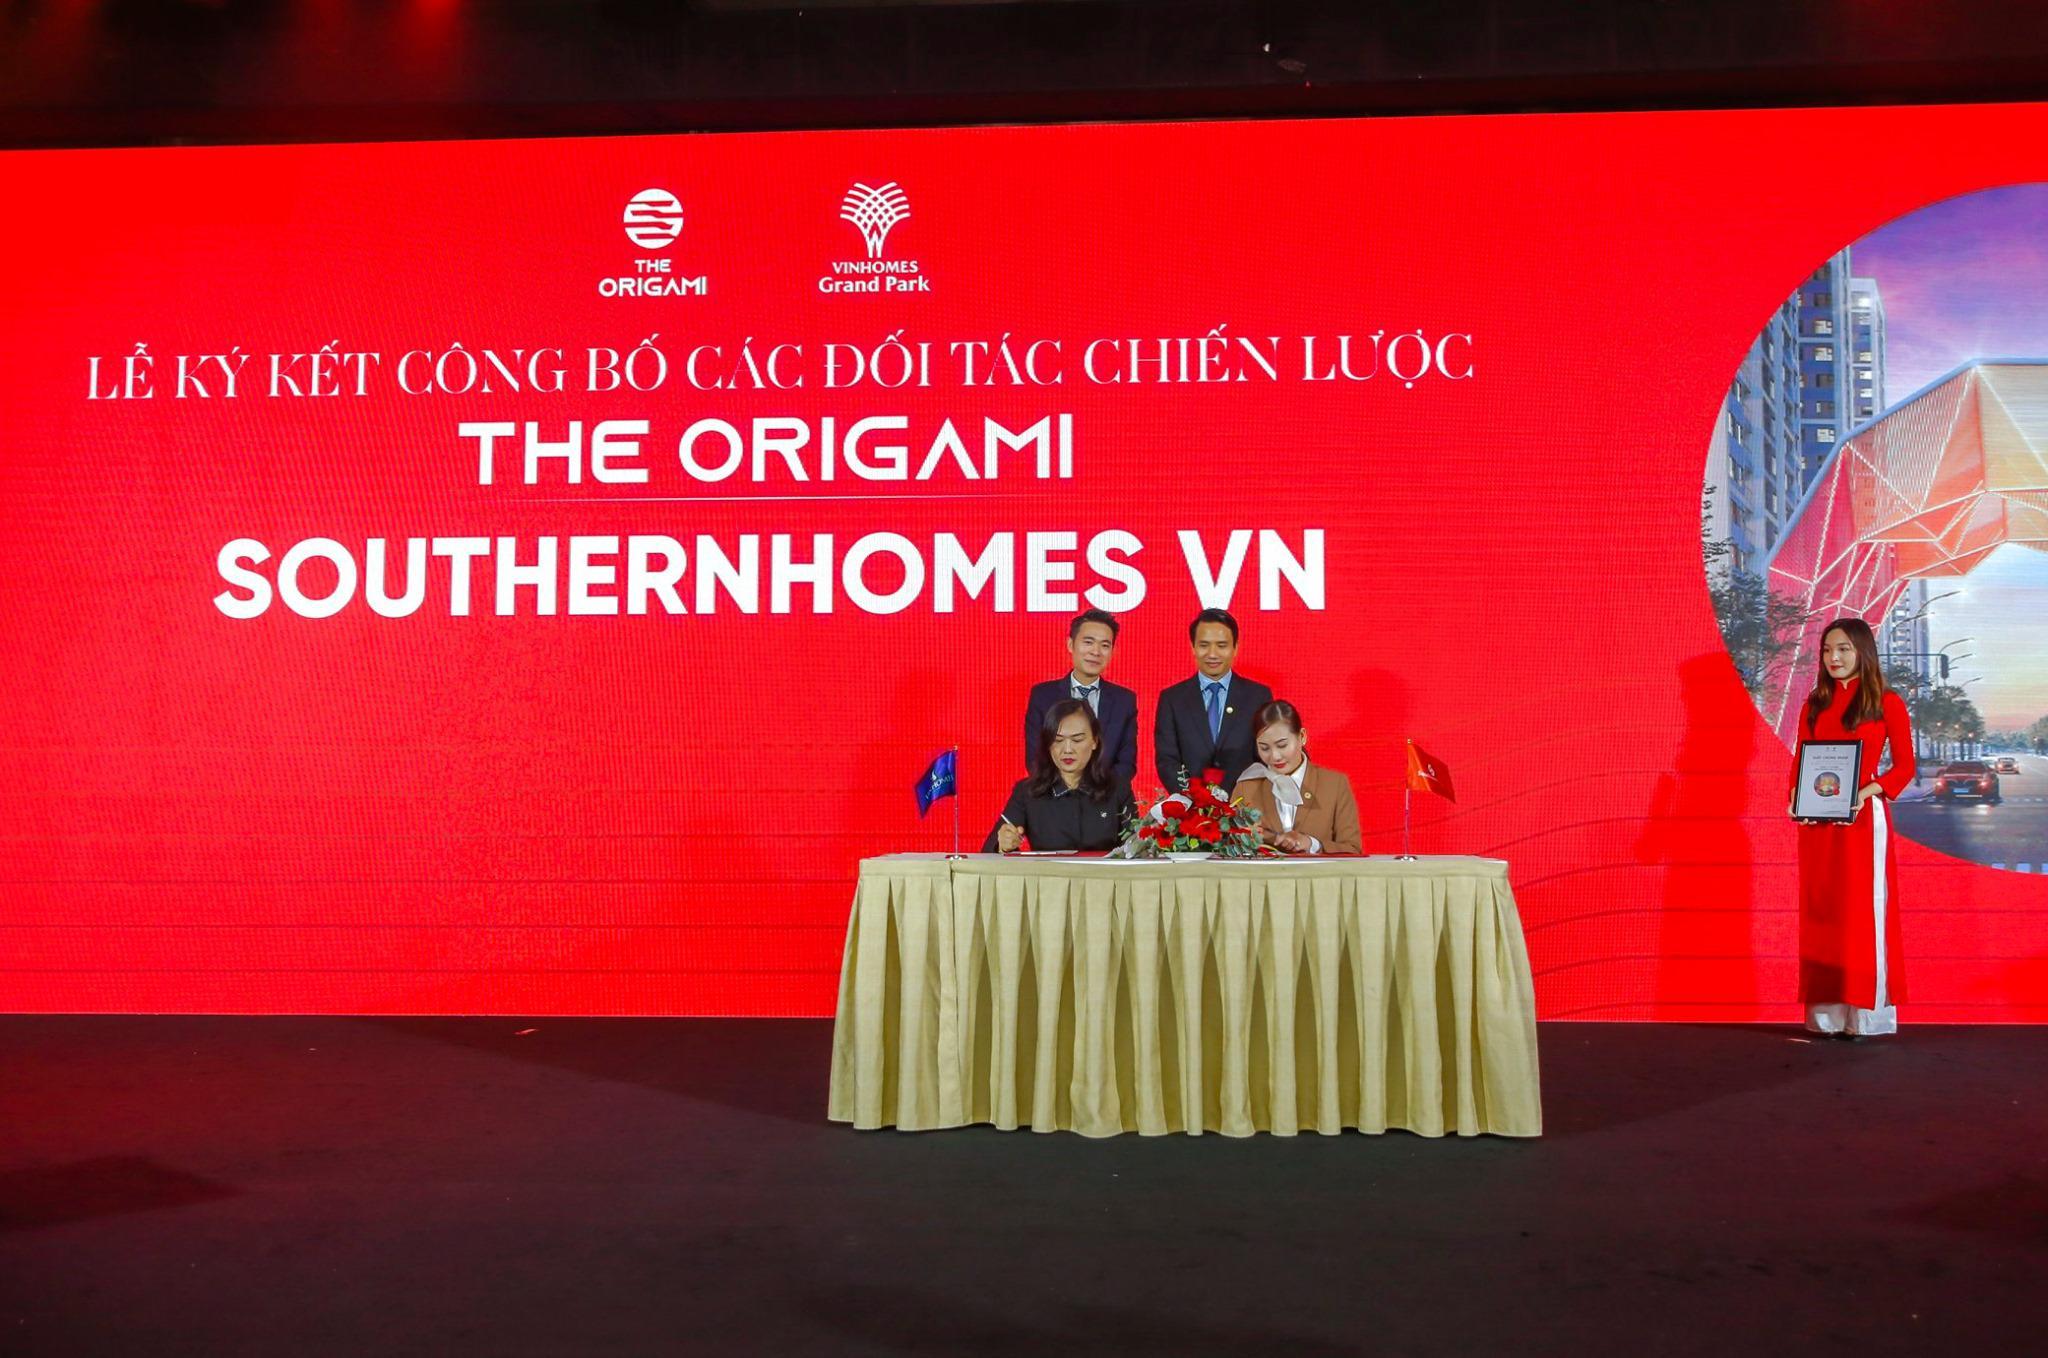 Vinhomes công bố đối tác chiến lược của dự án The Origami